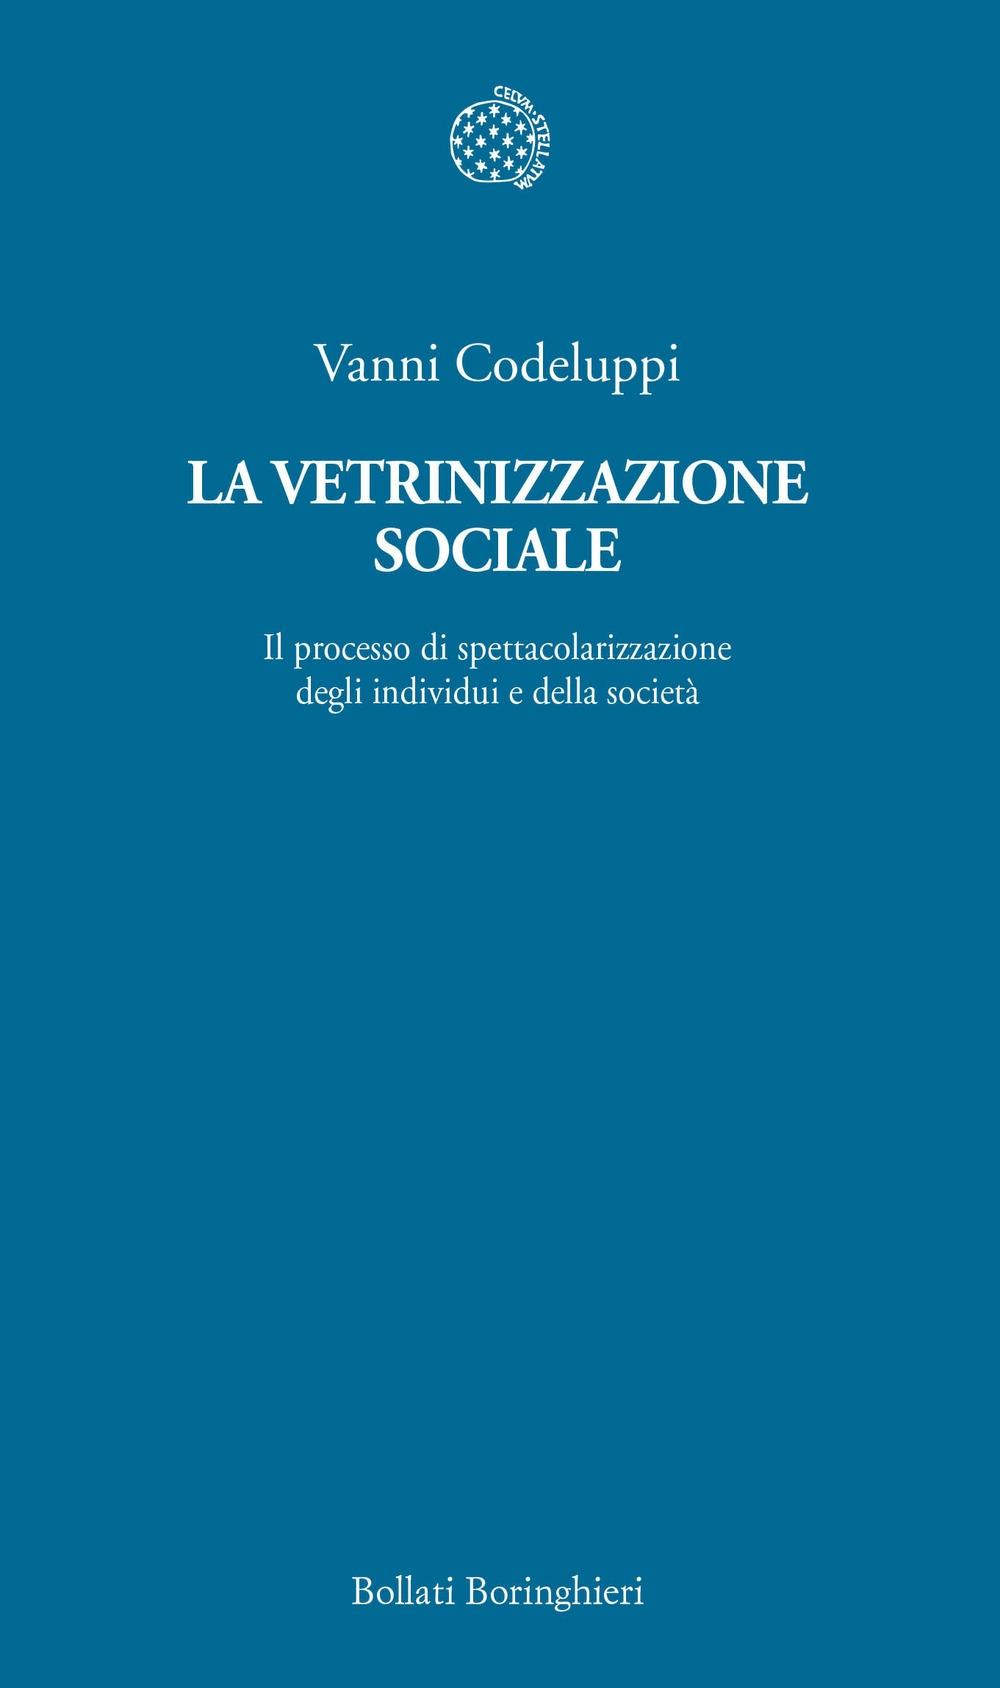 La vetrinizzazione sociale. Il processo di spettacolarizzazione degli individui e della società